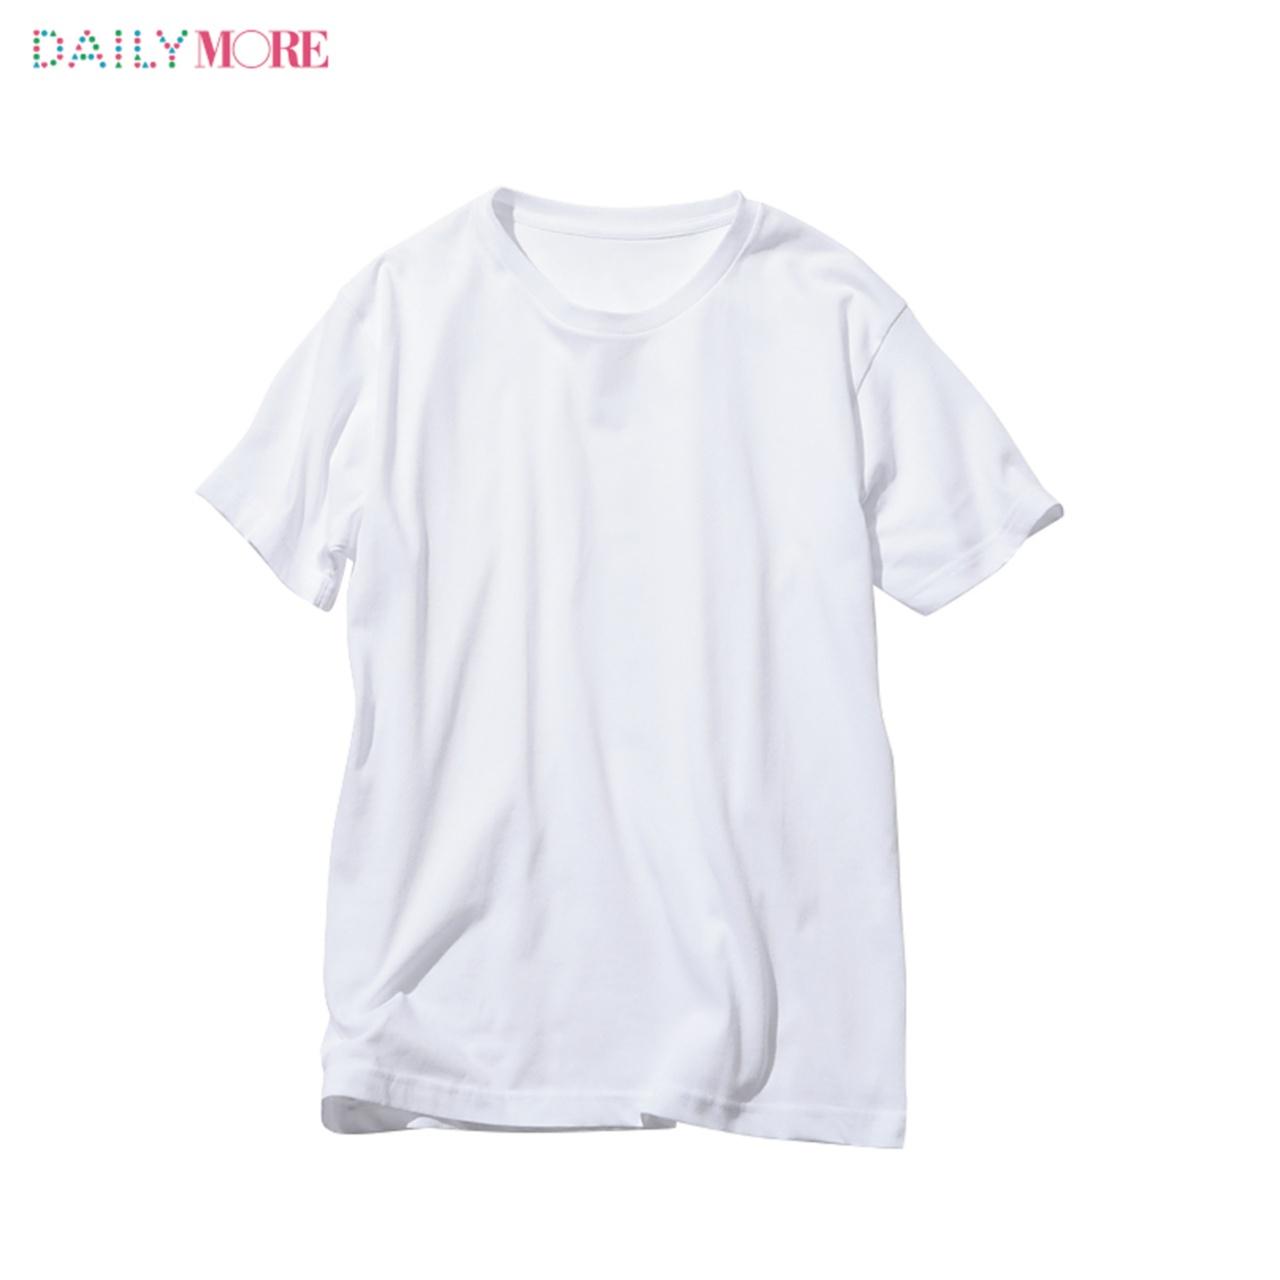 【ユニクロ・GU・しまむら】3大プチプラブランドの「白Tシャツ」、MOREがくらべてみました_2_1